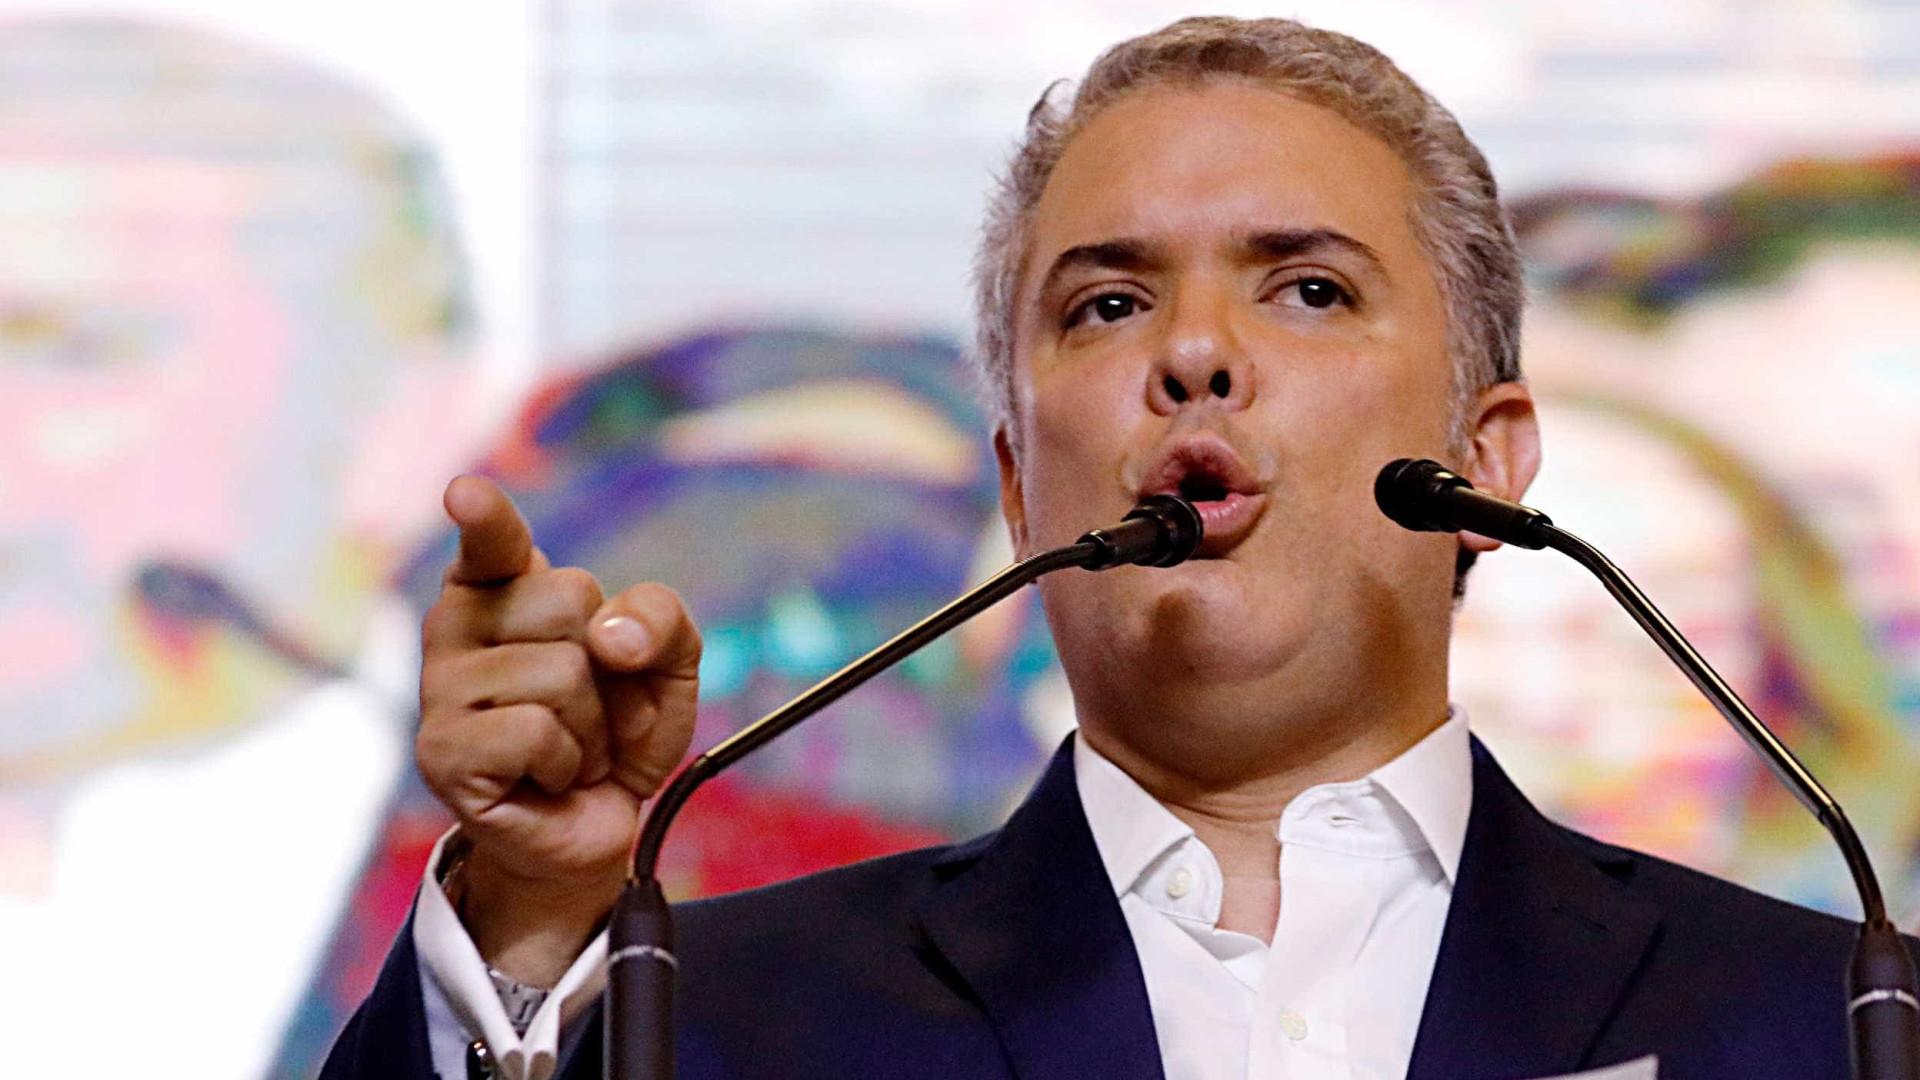 Maioria aprova novo presidente da Colômbia, mas acha que país vai mal